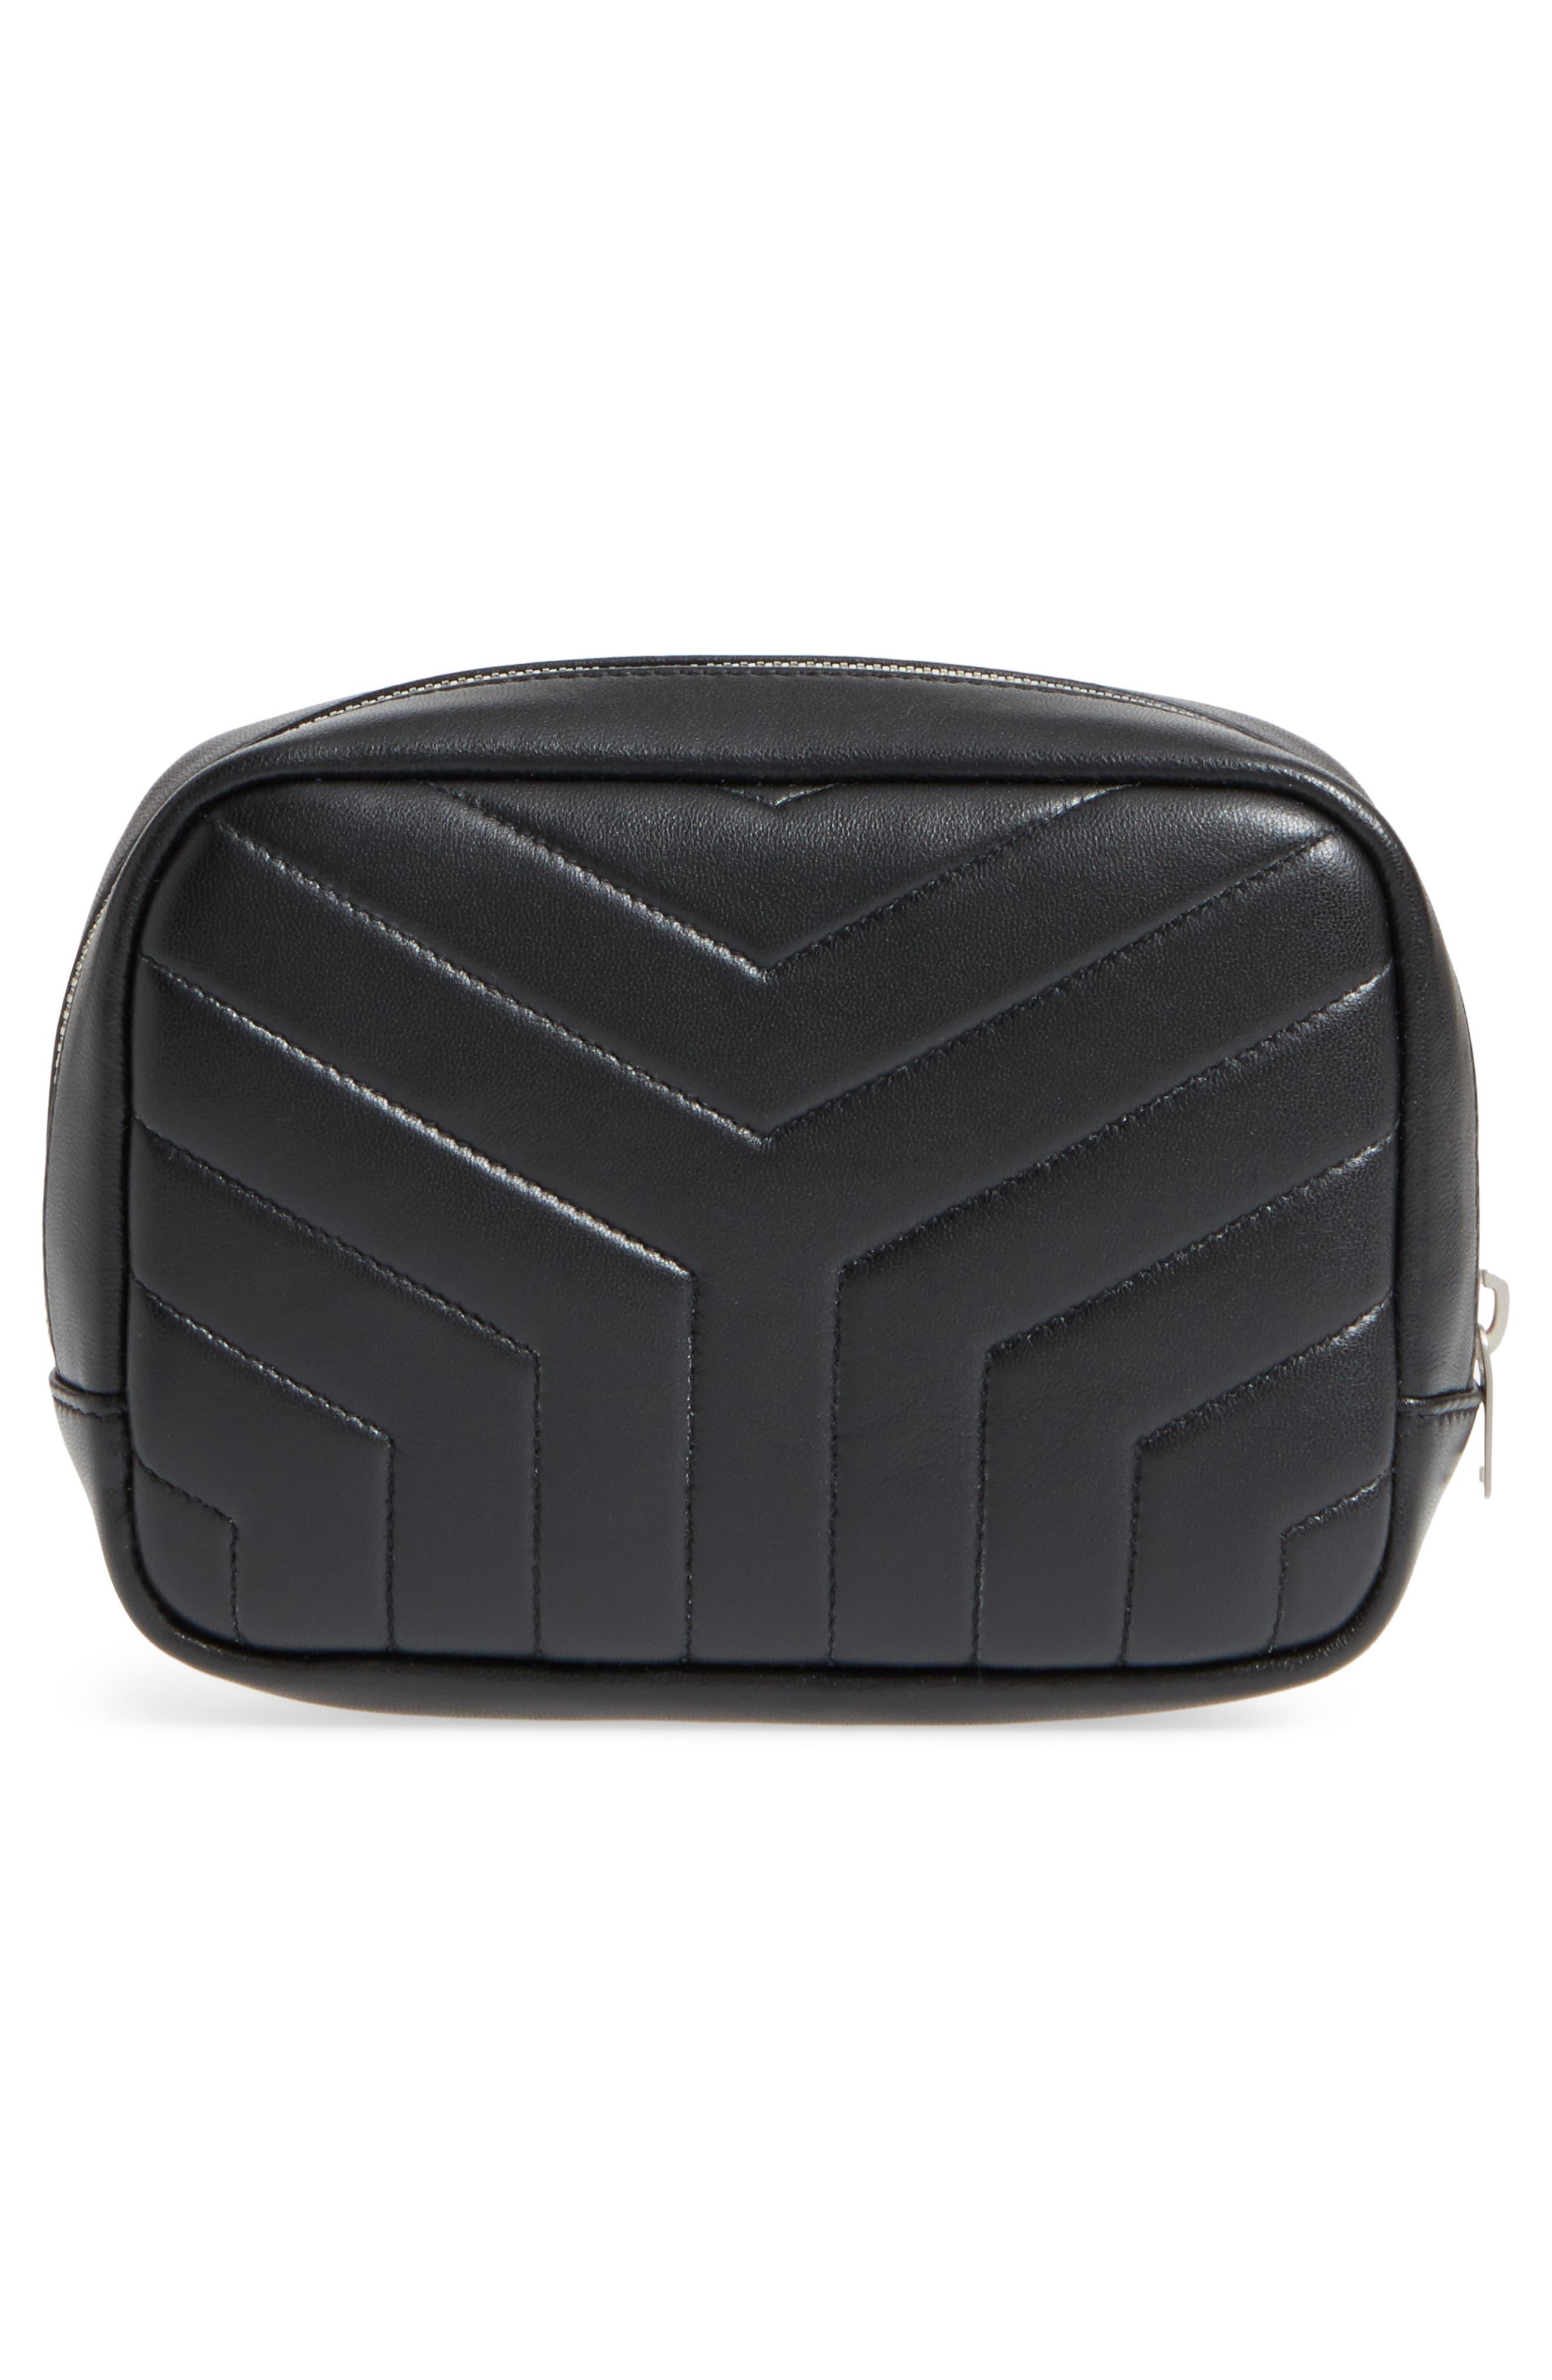 Alternate Image 2  - Saint Laurent Loulou Matelassé Leather Cosmetics Case